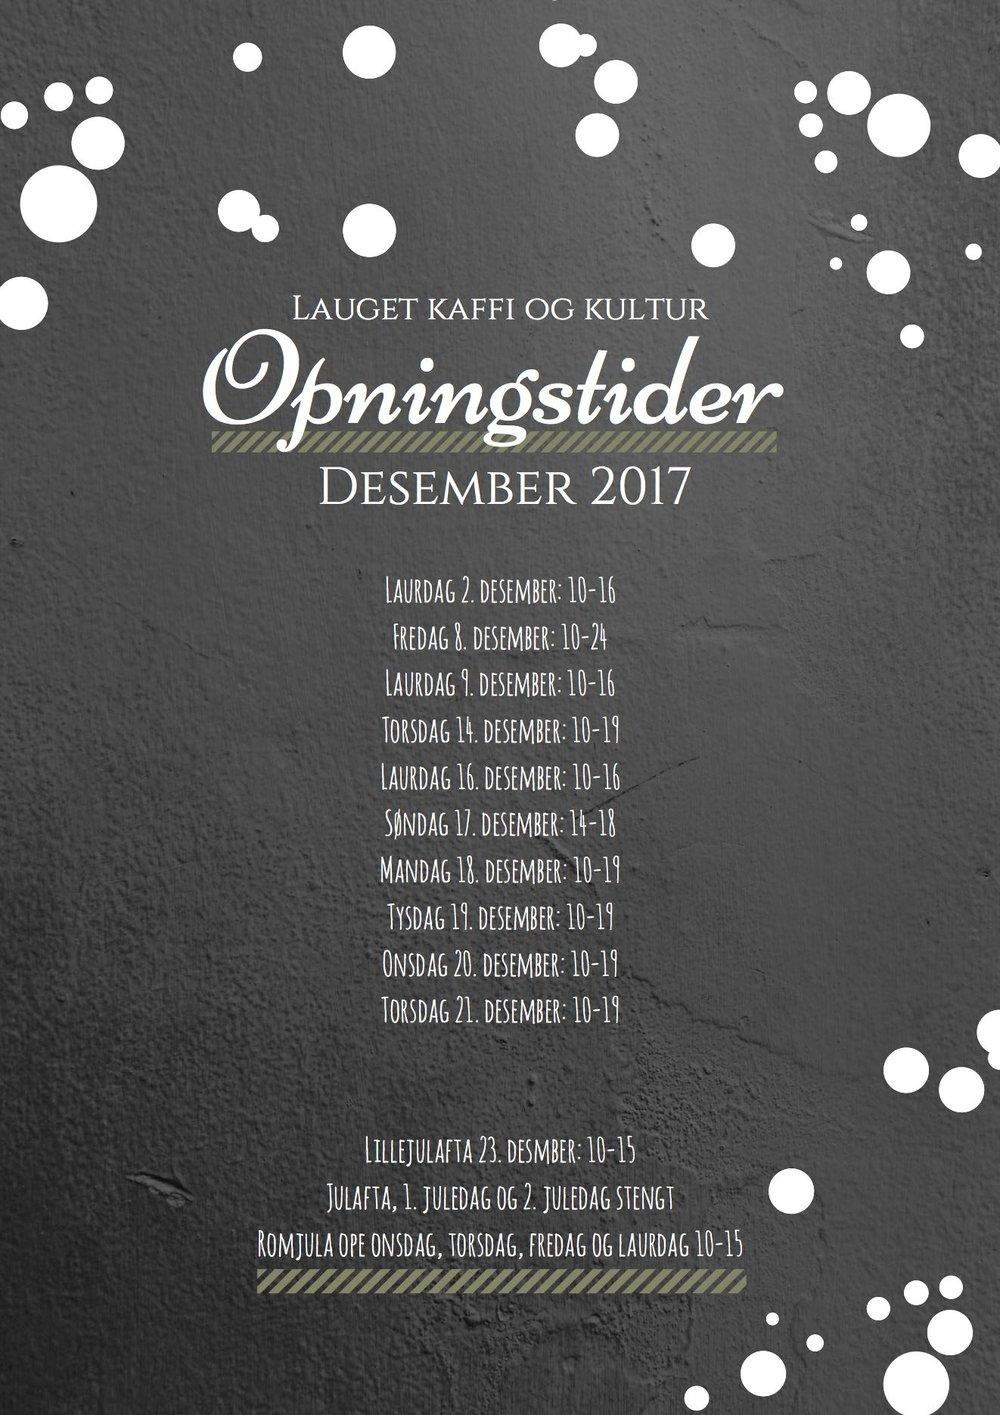 Lauget -opningstider desember 2017.jpg